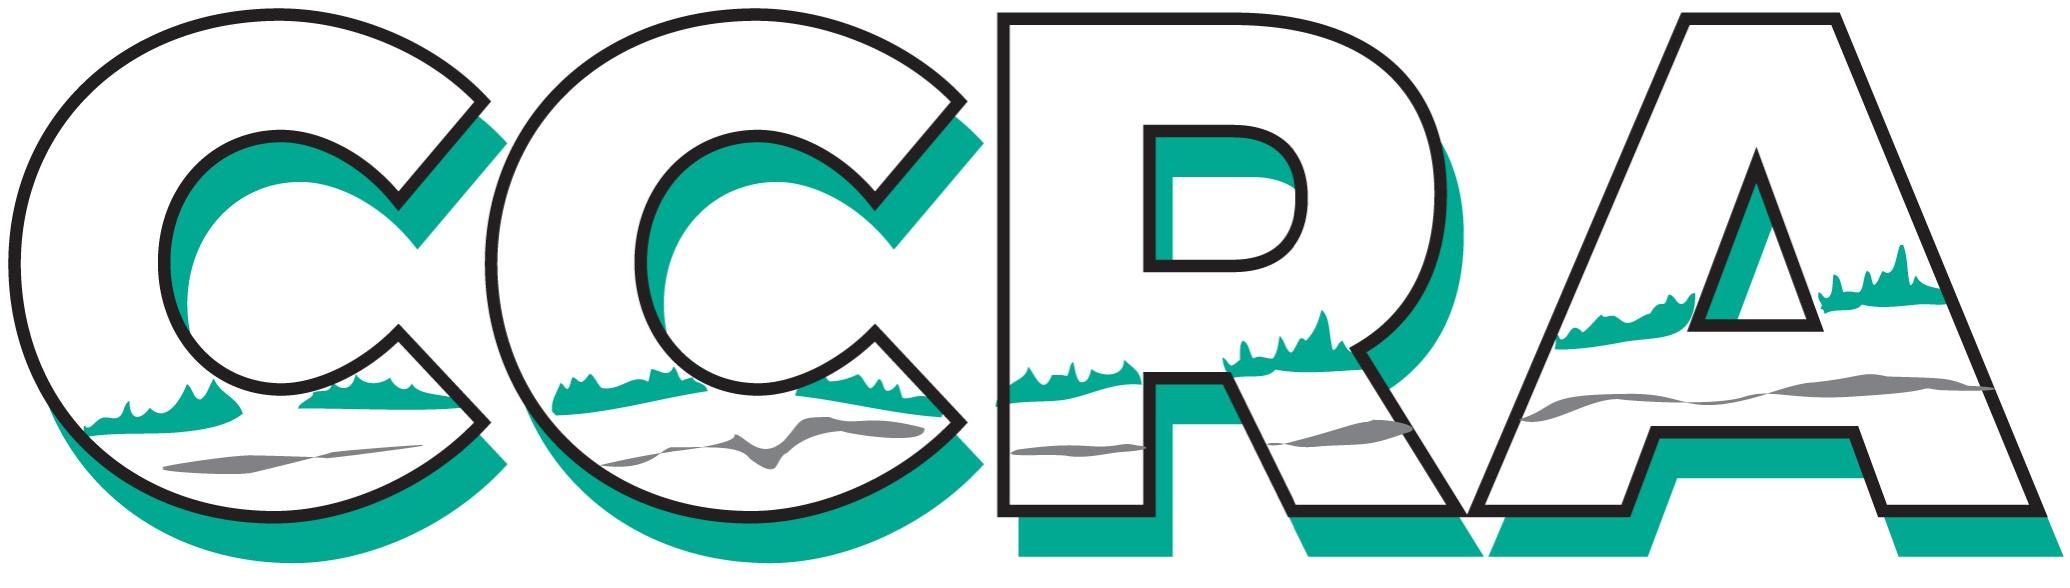 Centennial Community Recreation Association